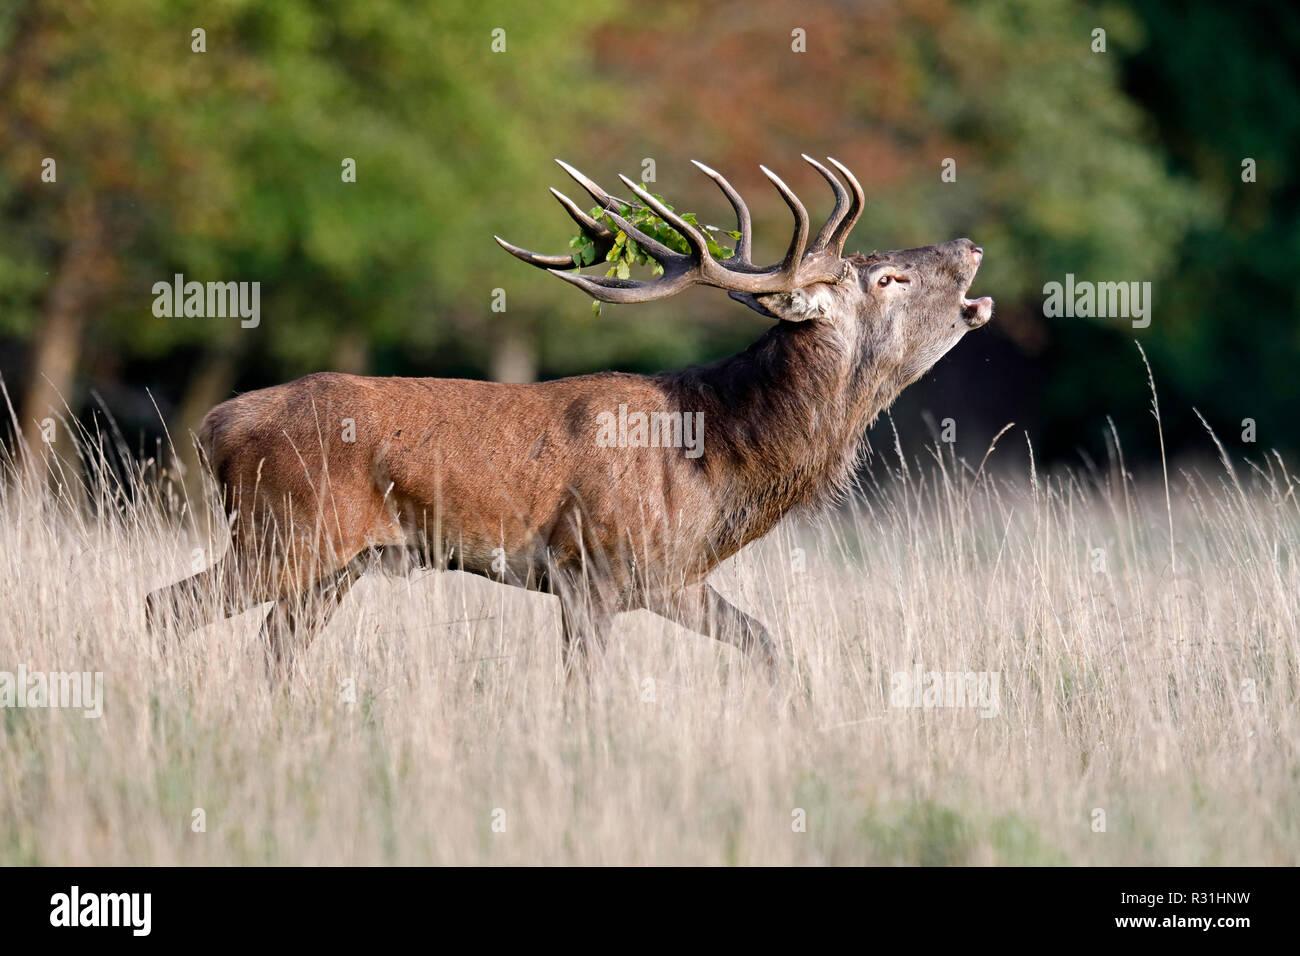 Red deer (Cervus elaphus), rutting season, deer roars, Denmark - Stock Image